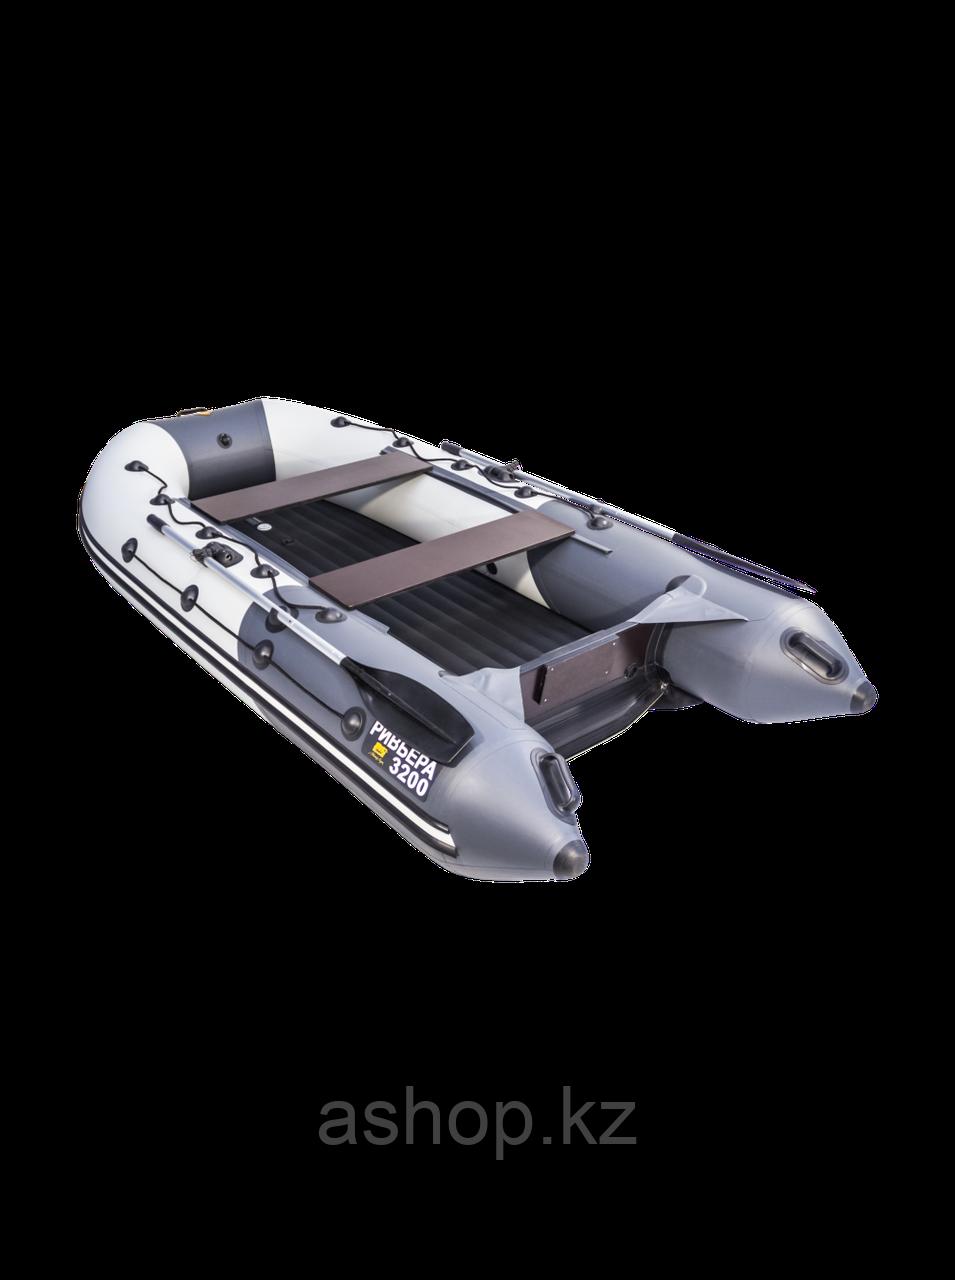 Лодка надувная моторно-гребная килевая Ривьера  3200 НДНД, Грузоподъемность: 500кг, Вместимость: 3 чел., Кол-в